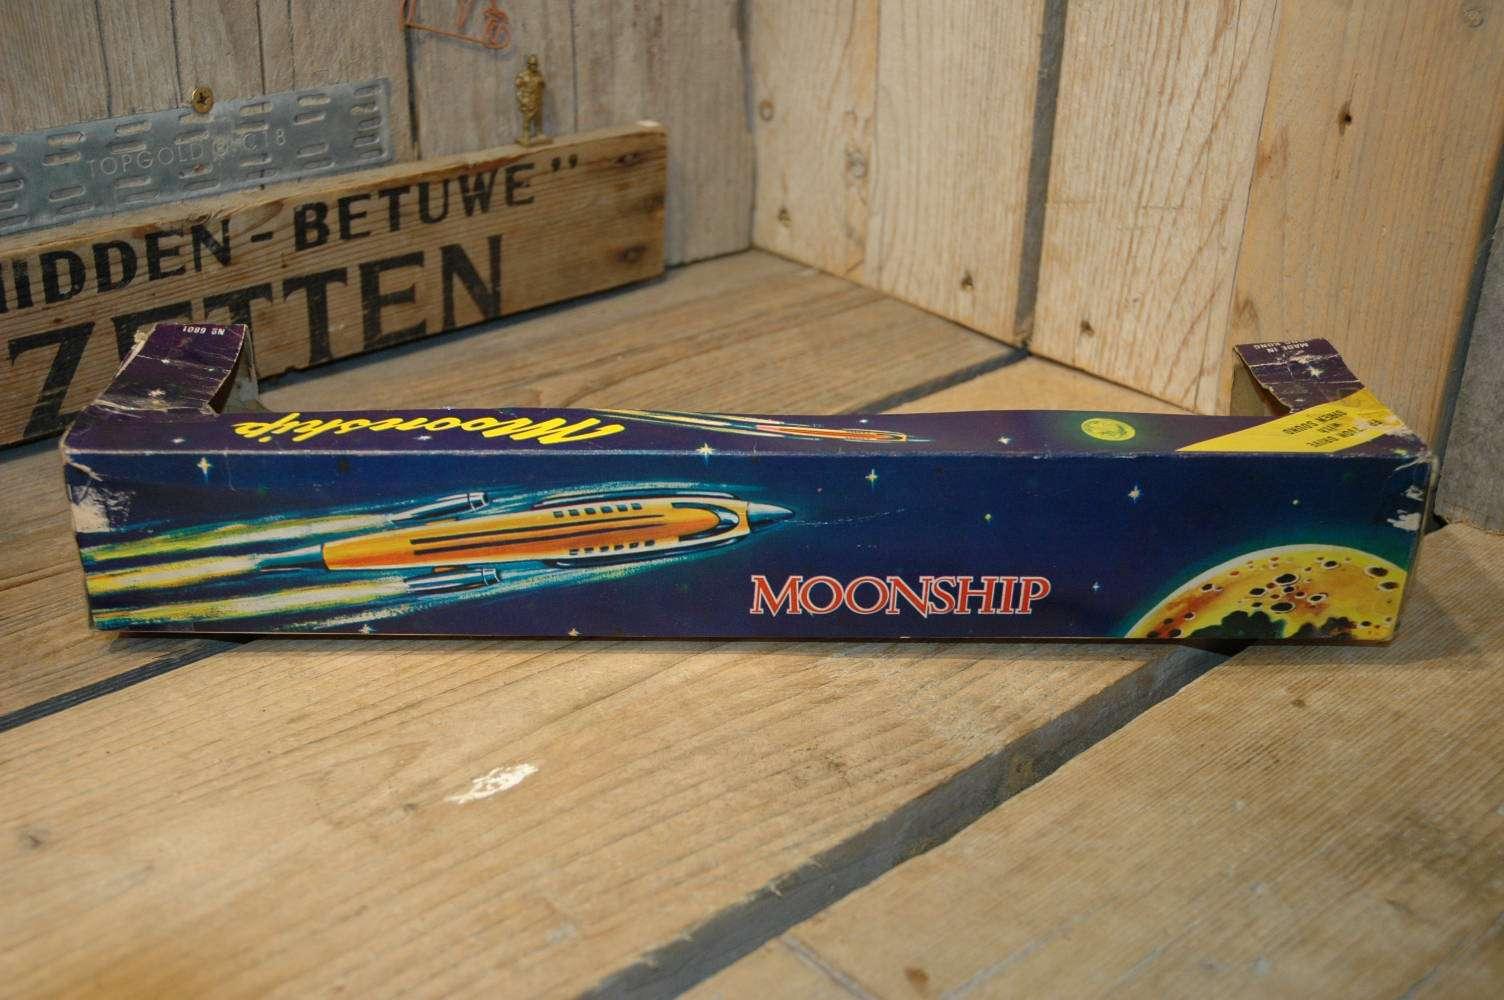 Hong Kong - Moonship